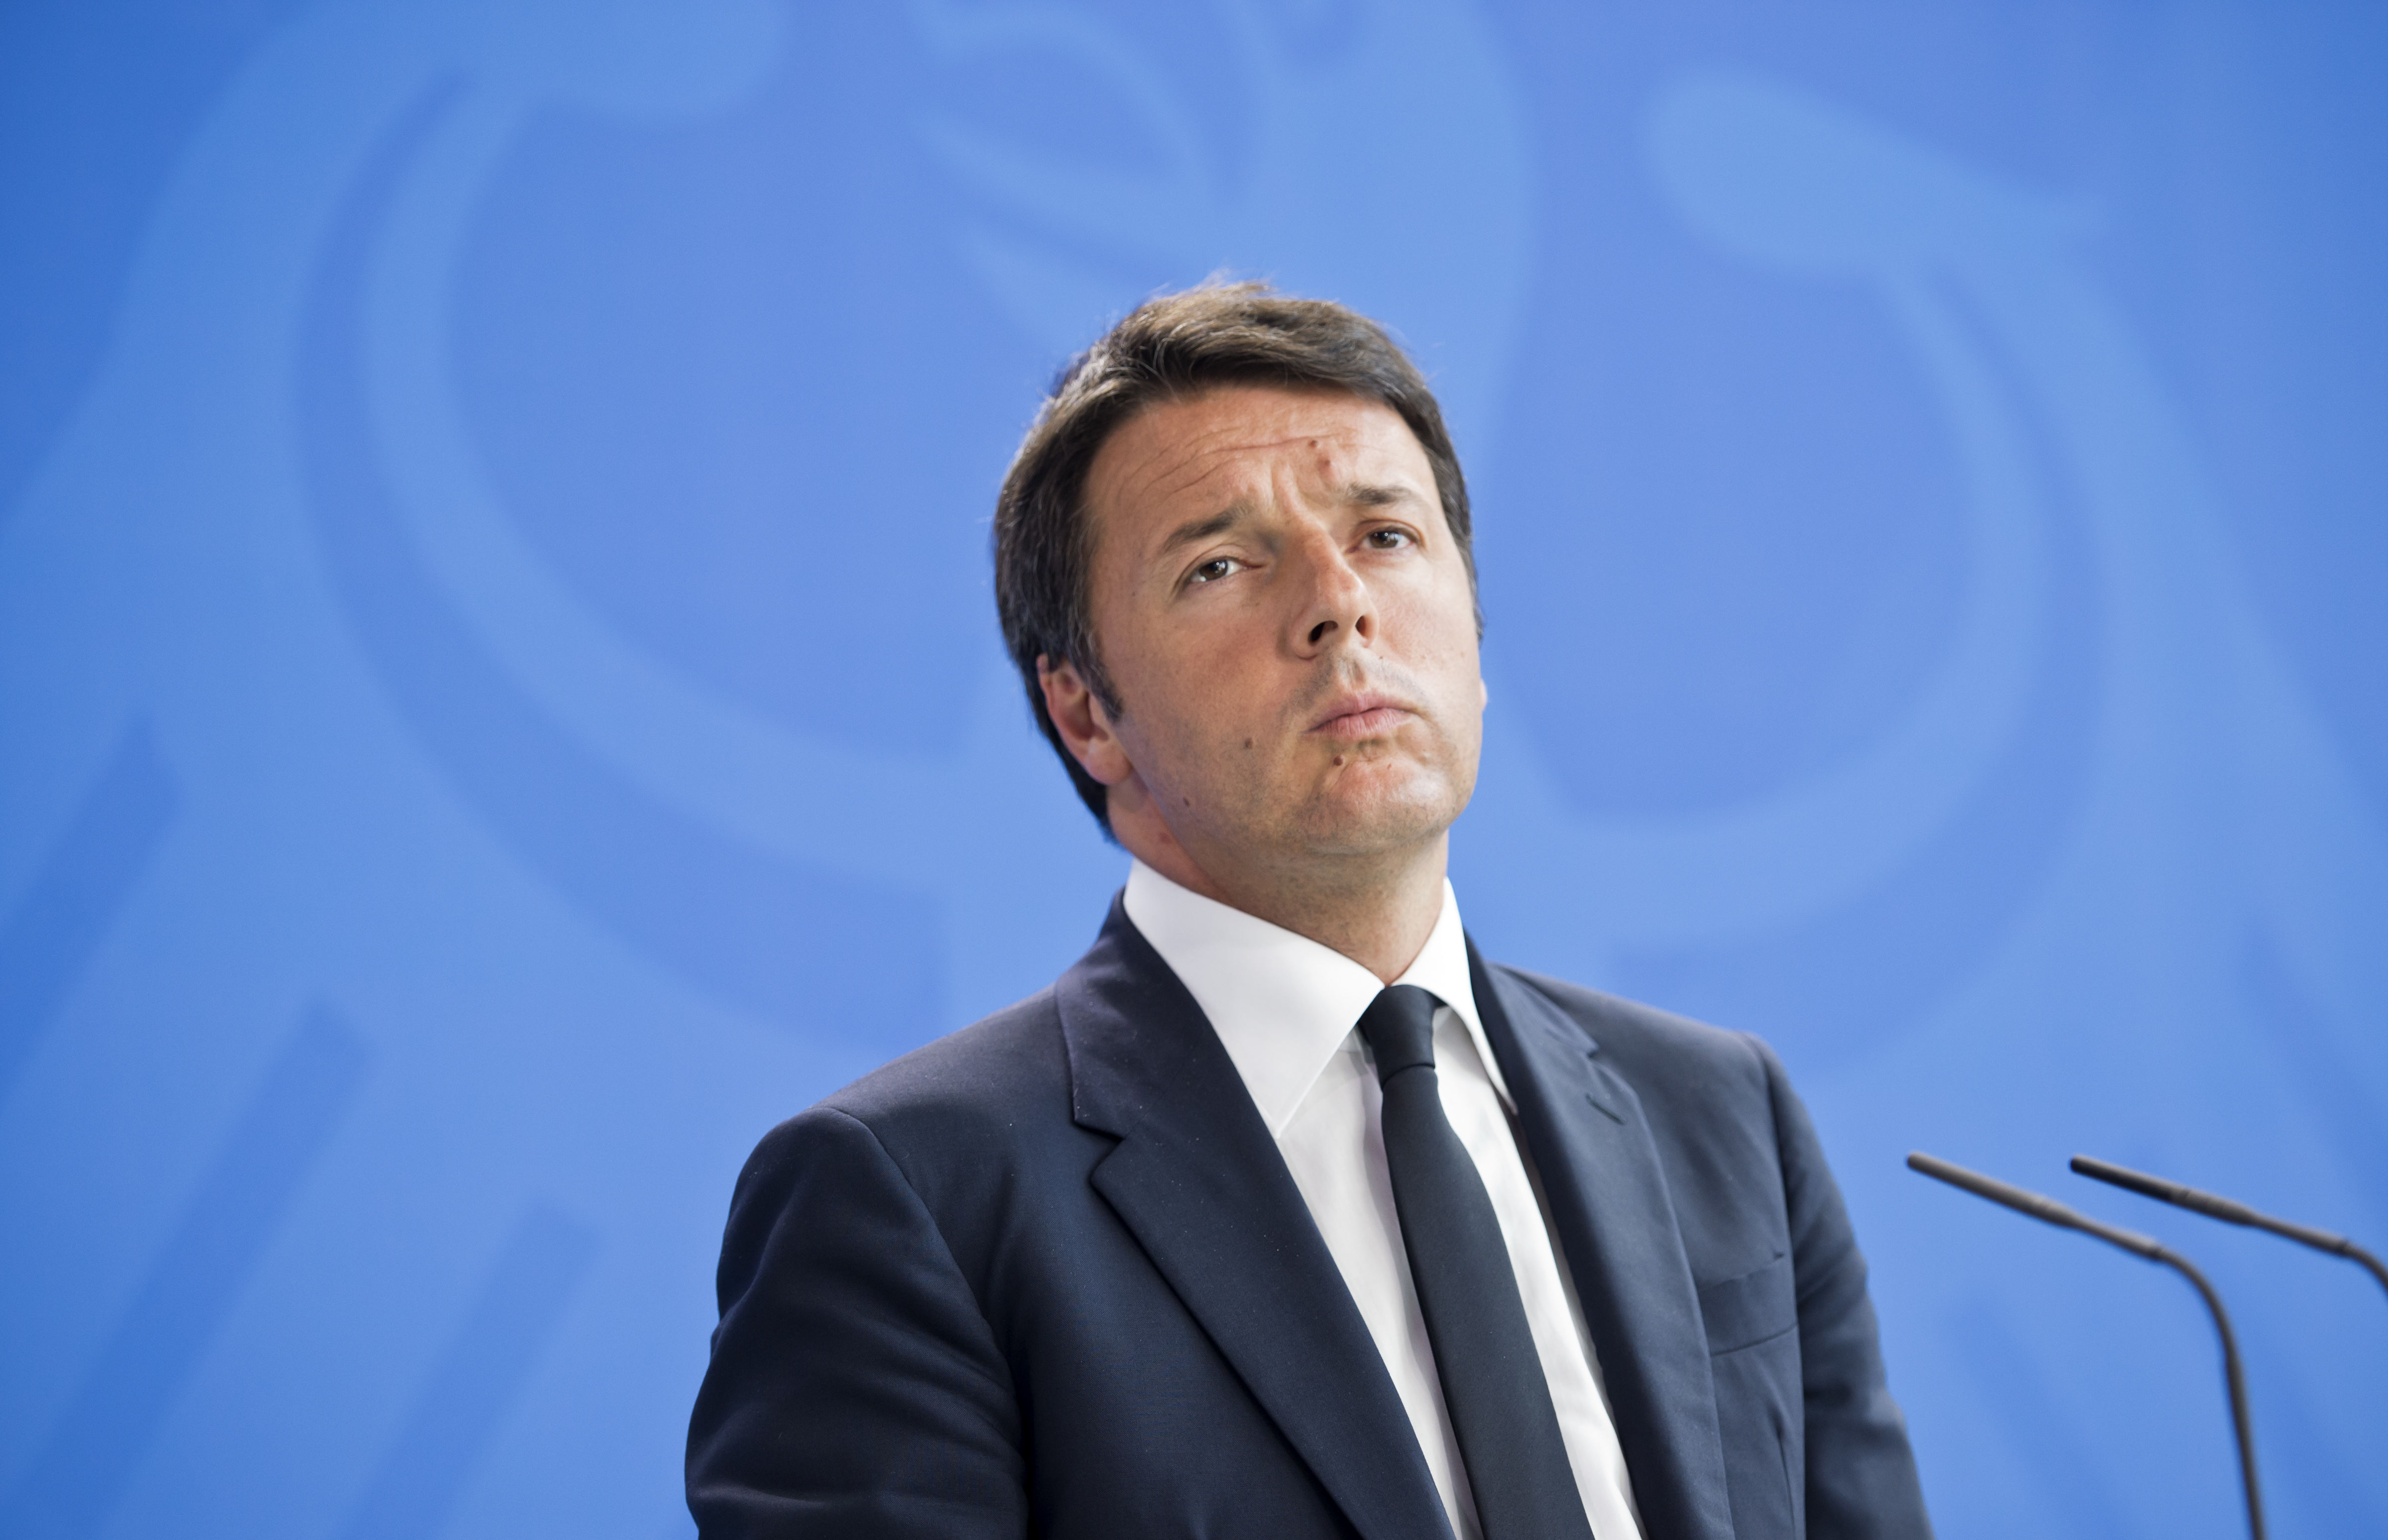 Matteo Renzi Visits Berlin